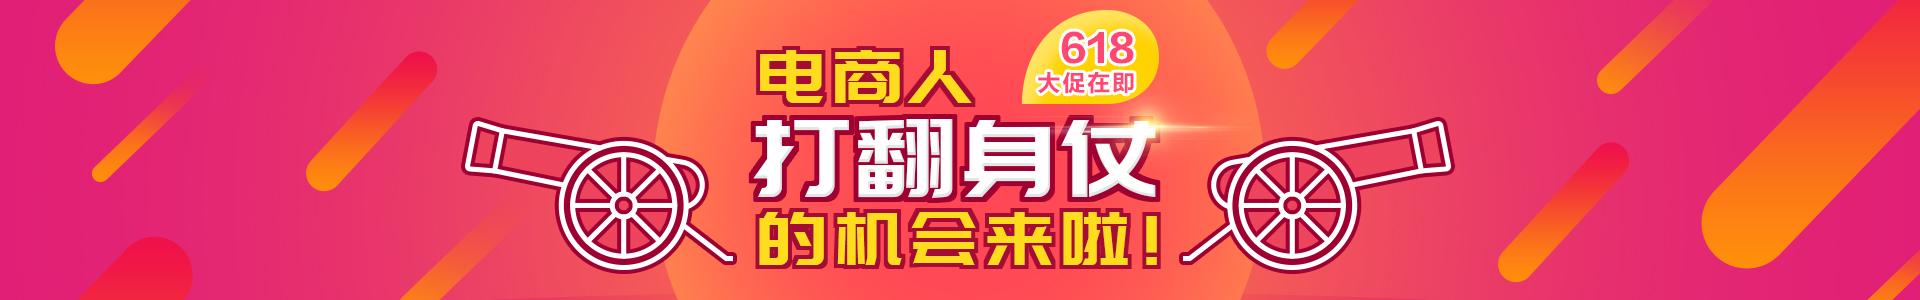 2017京东天猫618_电商促销H5_服装美妆家电